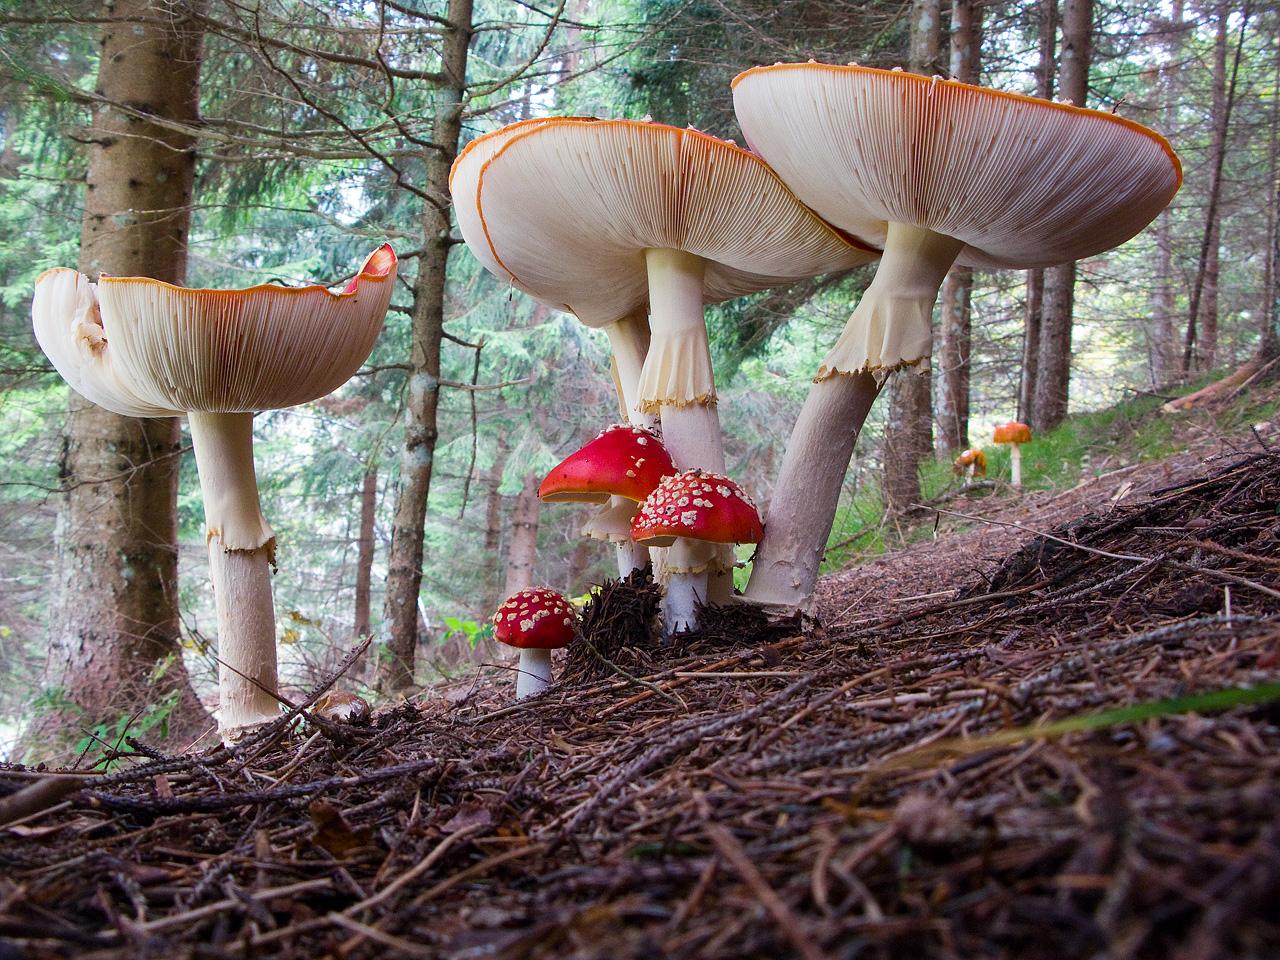 Umbrellas in the undergrowth....